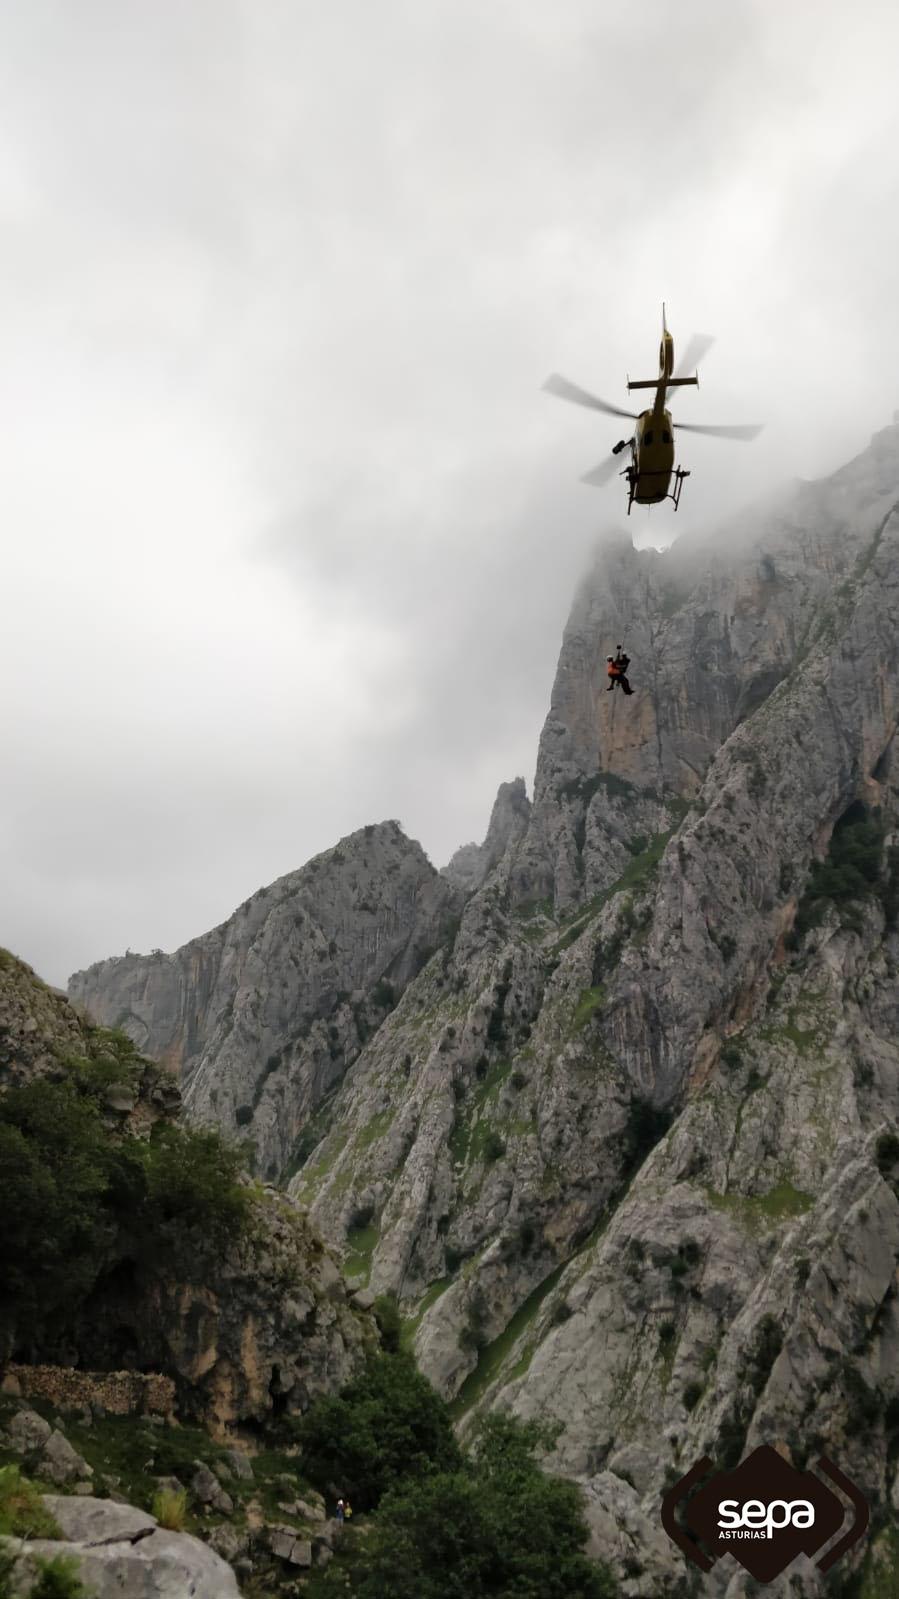 sepa helicoptero rescate montaña